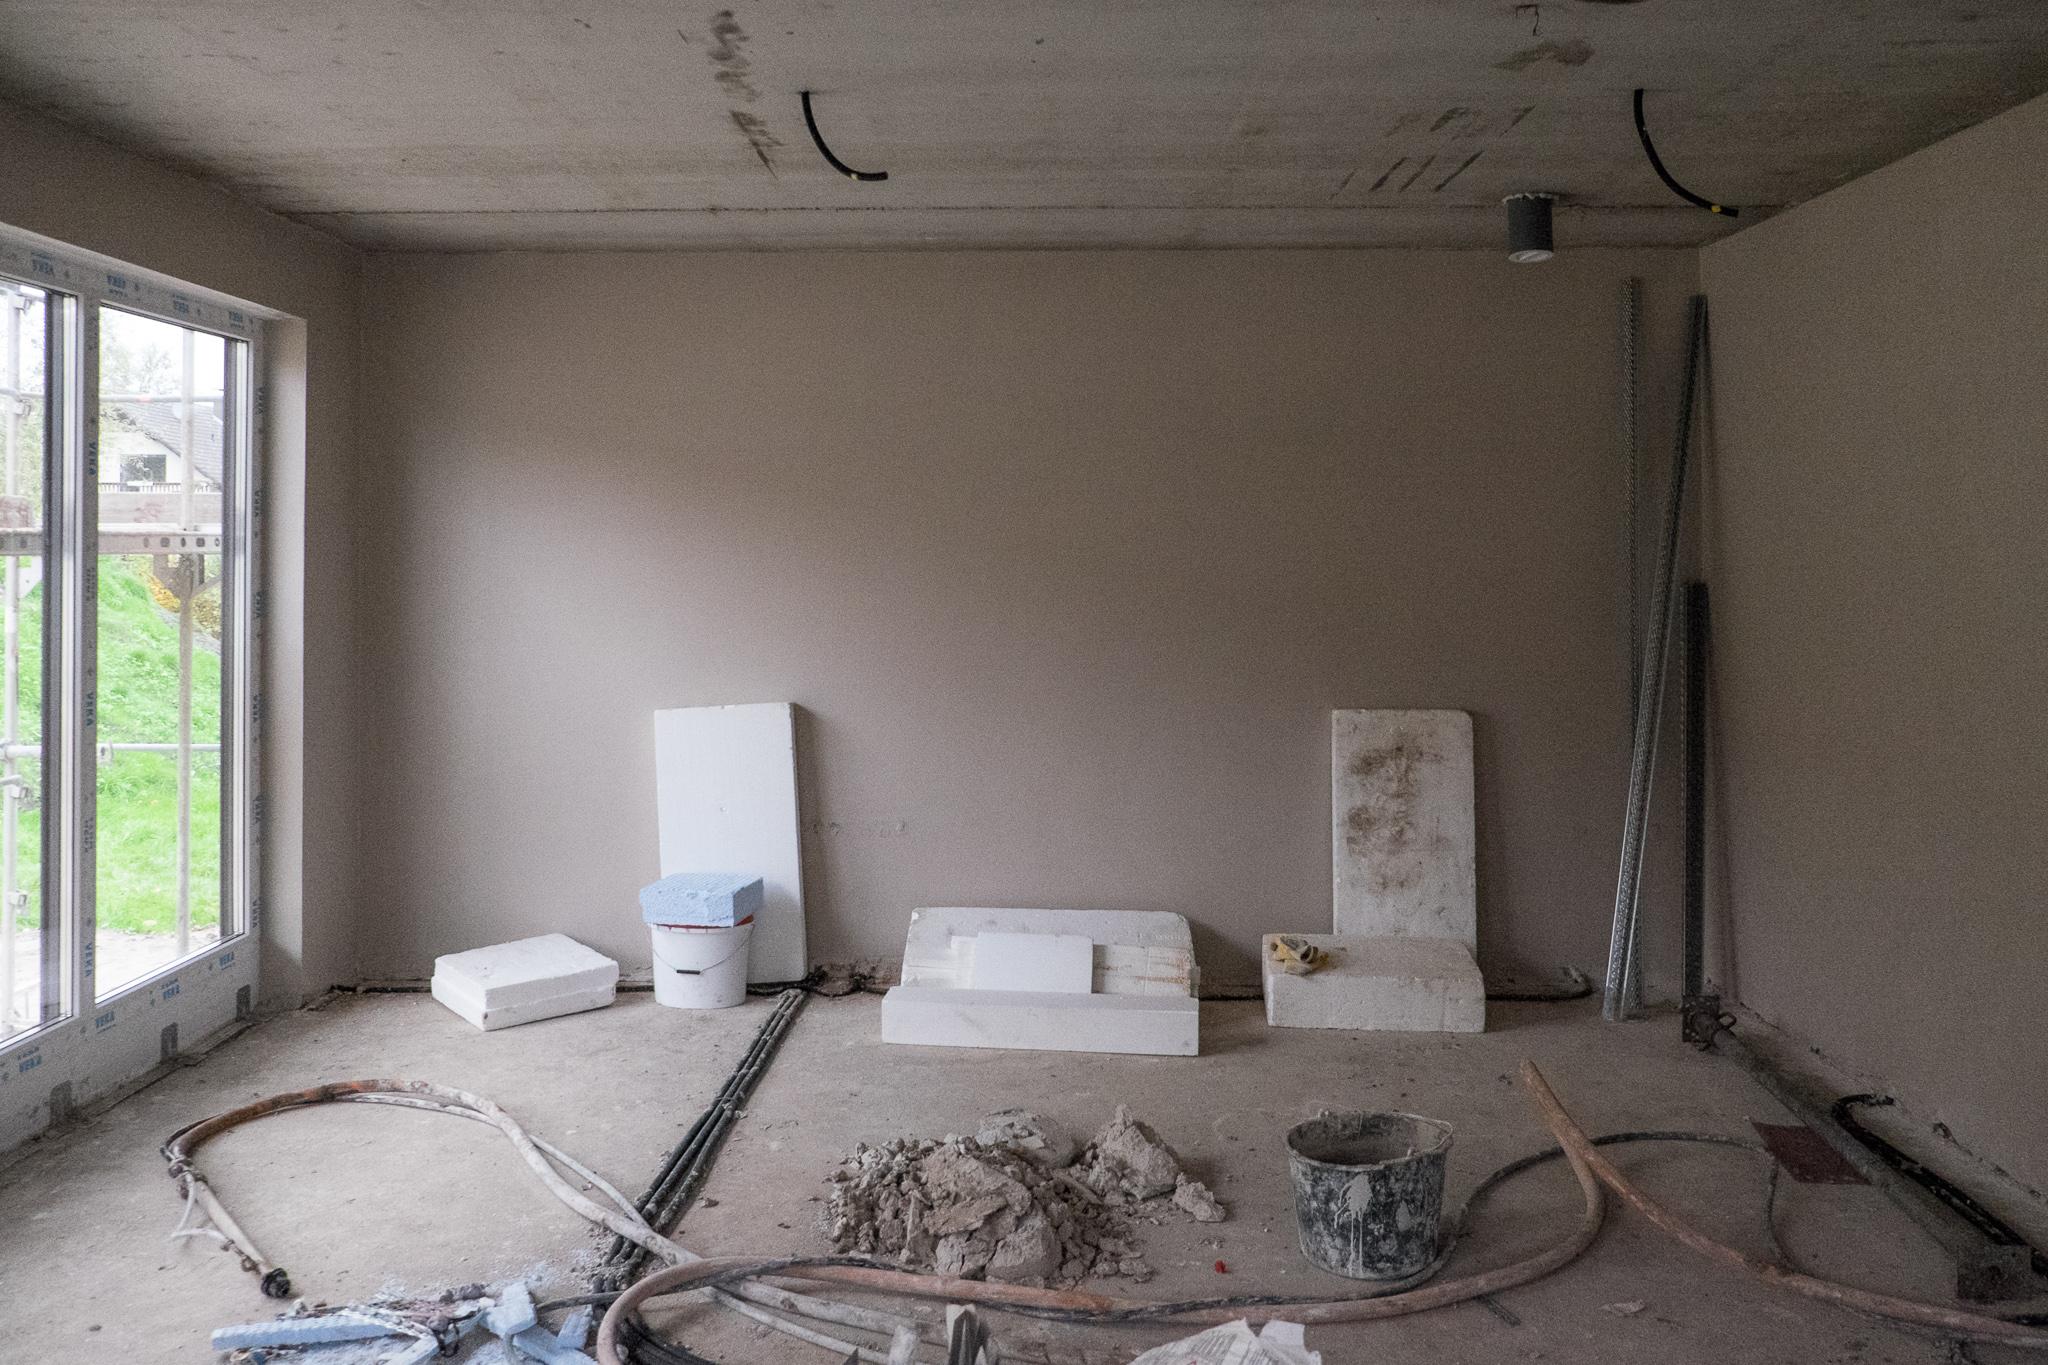 verputzte wnde streichen verputzte wnde streichen verputzte wnde streichen ein hbsch. Black Bedroom Furniture Sets. Home Design Ideas